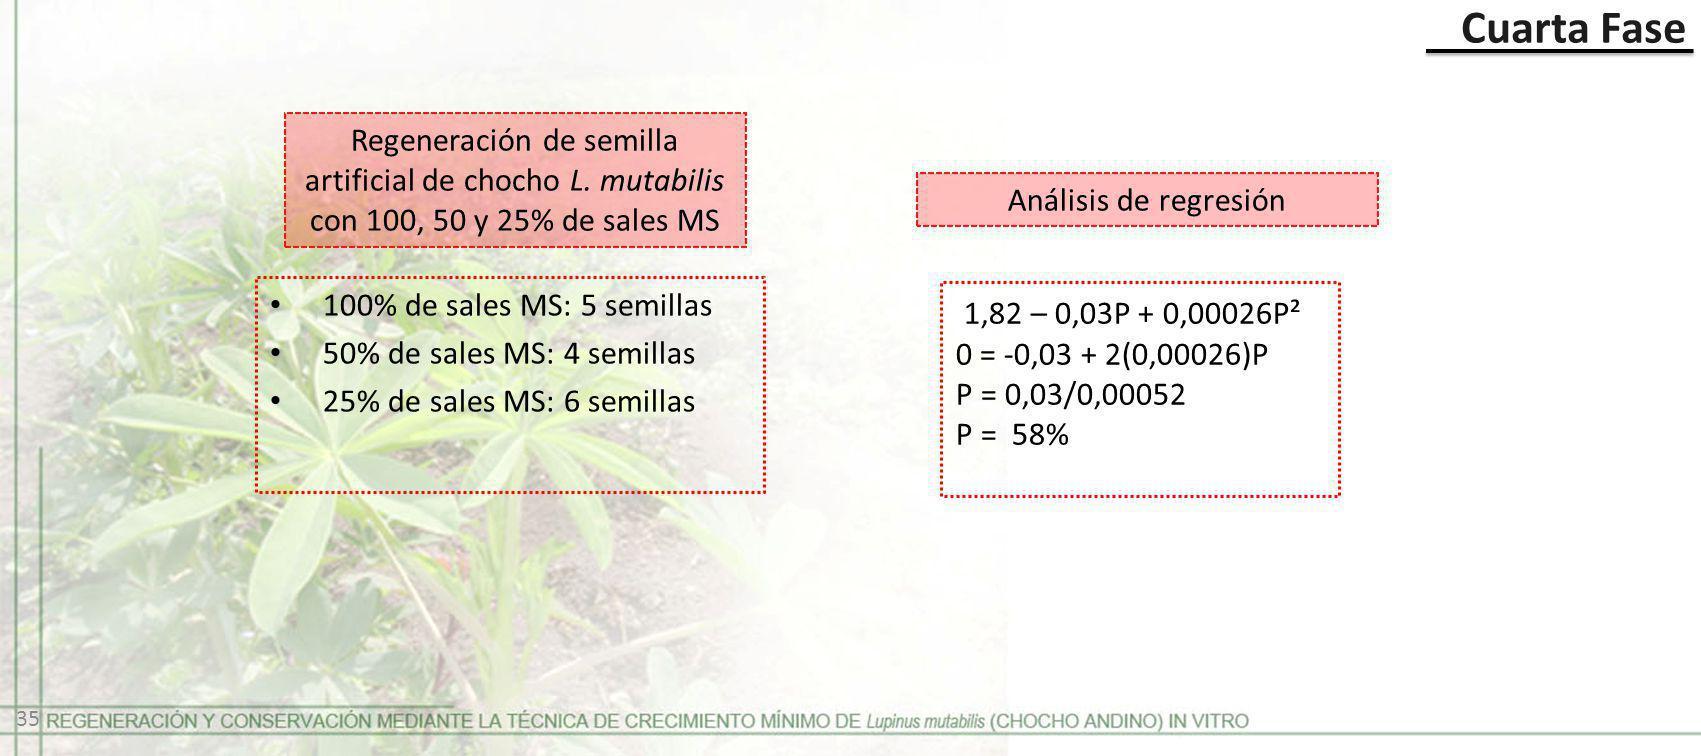 Cuarta Fase Regeneración de semilla artificial de chocho L. mutabilis con 100, 50 y 25% de sales MS.